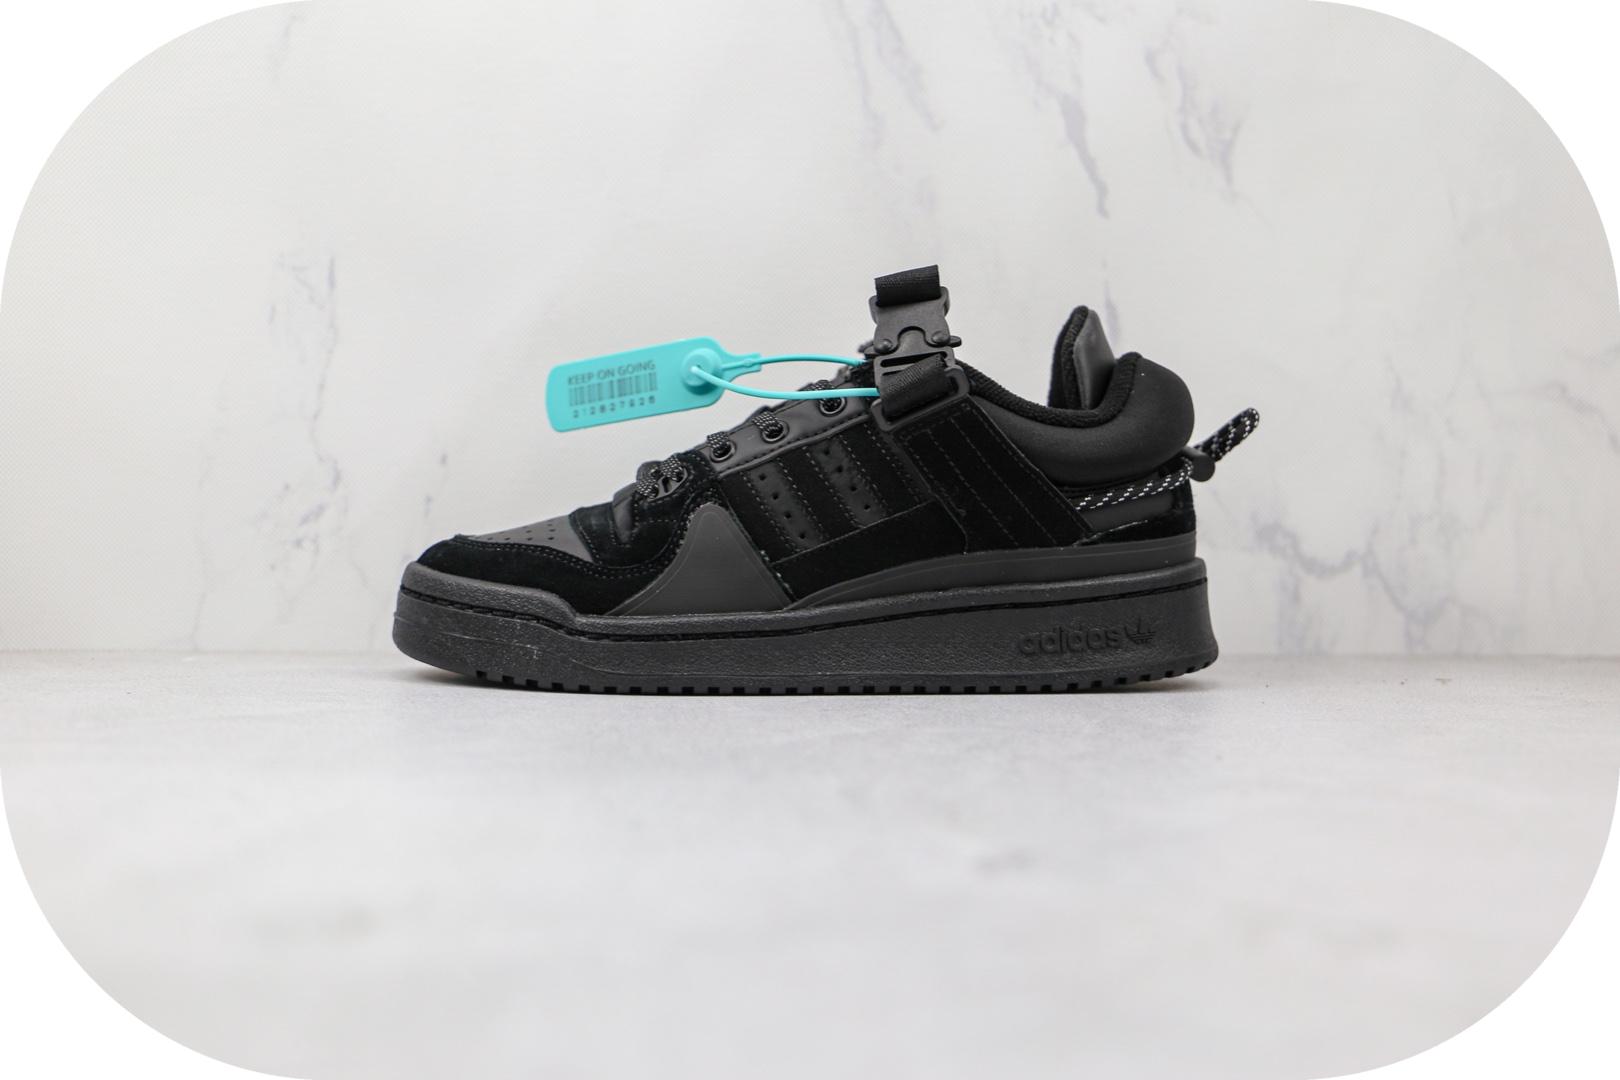 阿迪达斯adidas Forum Low x Bad Bunny联名款纯原版本黑色黑兔板鞋原档案数据开发 货号:GW0266